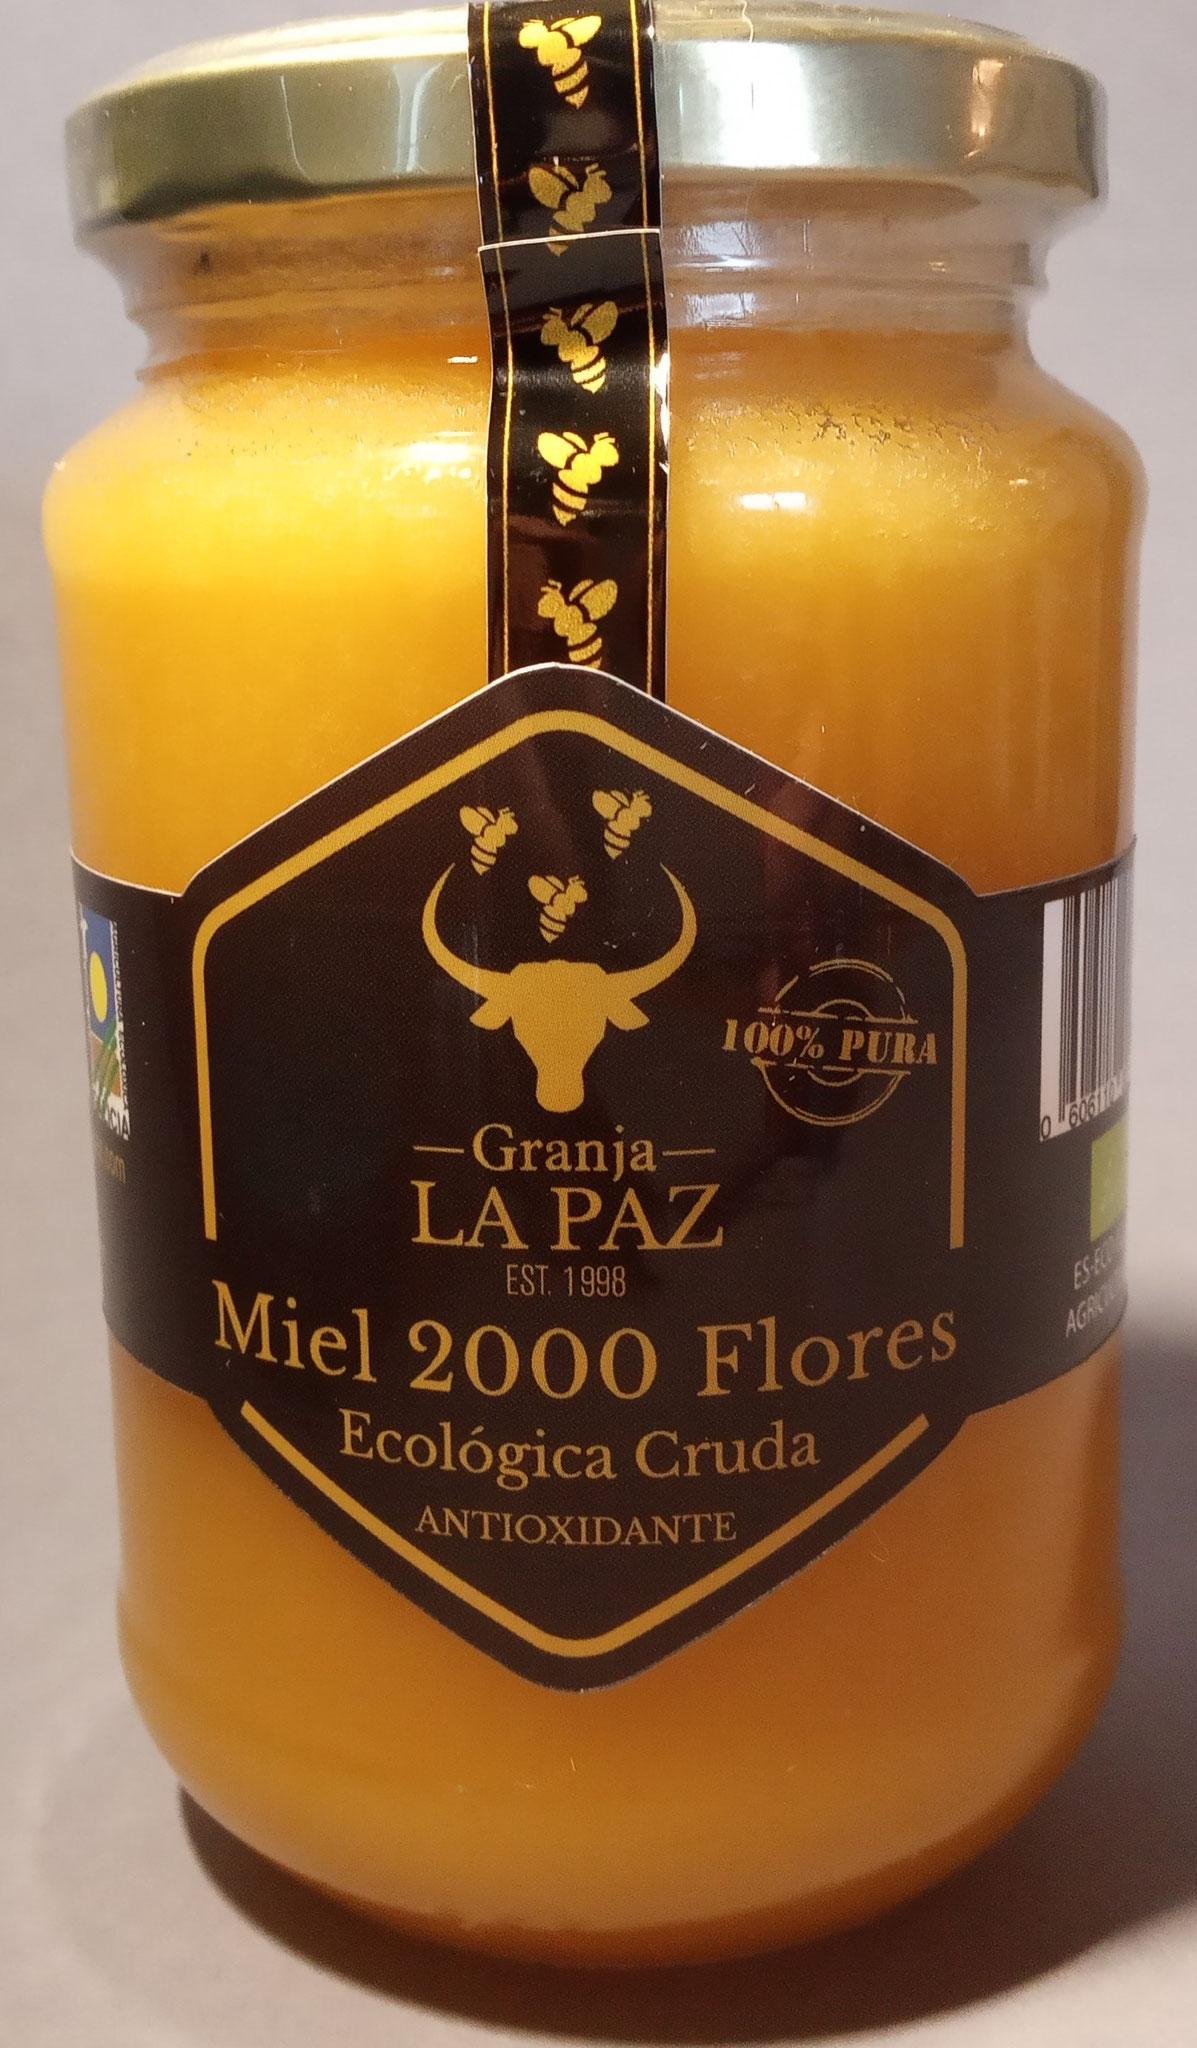 Miel Cruda Ecológica 2000 Flores